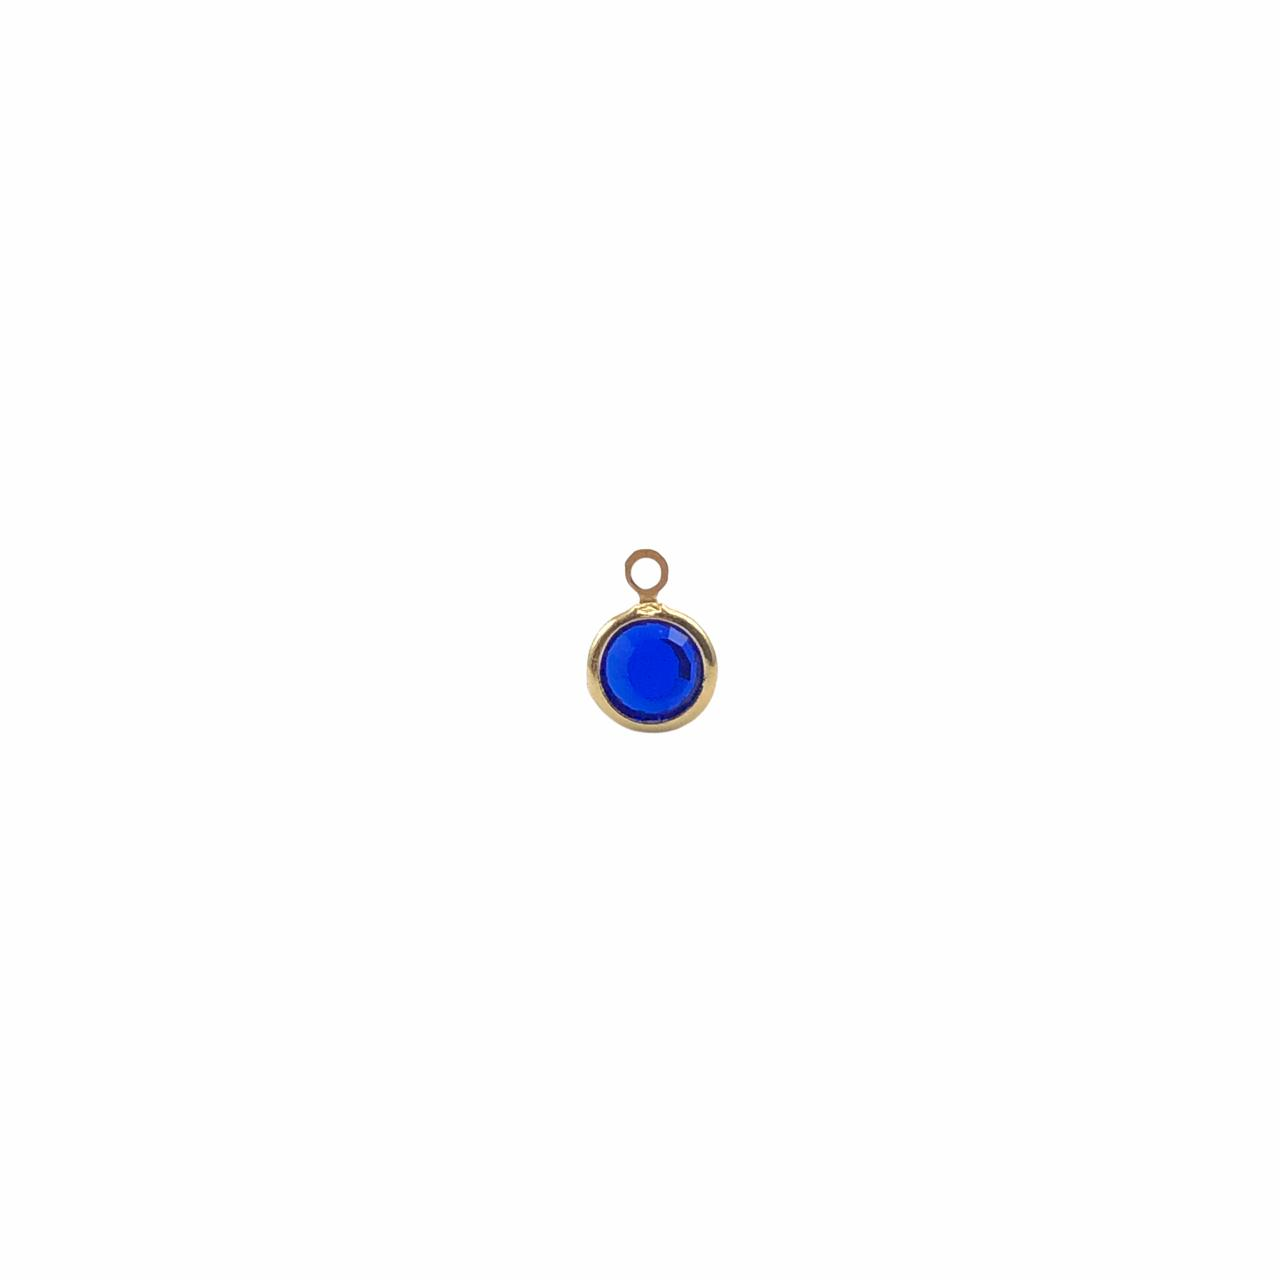 PG899 - Pingente De Vidro Sapphire 6mm Banhado Cor Dourado - 04Unids